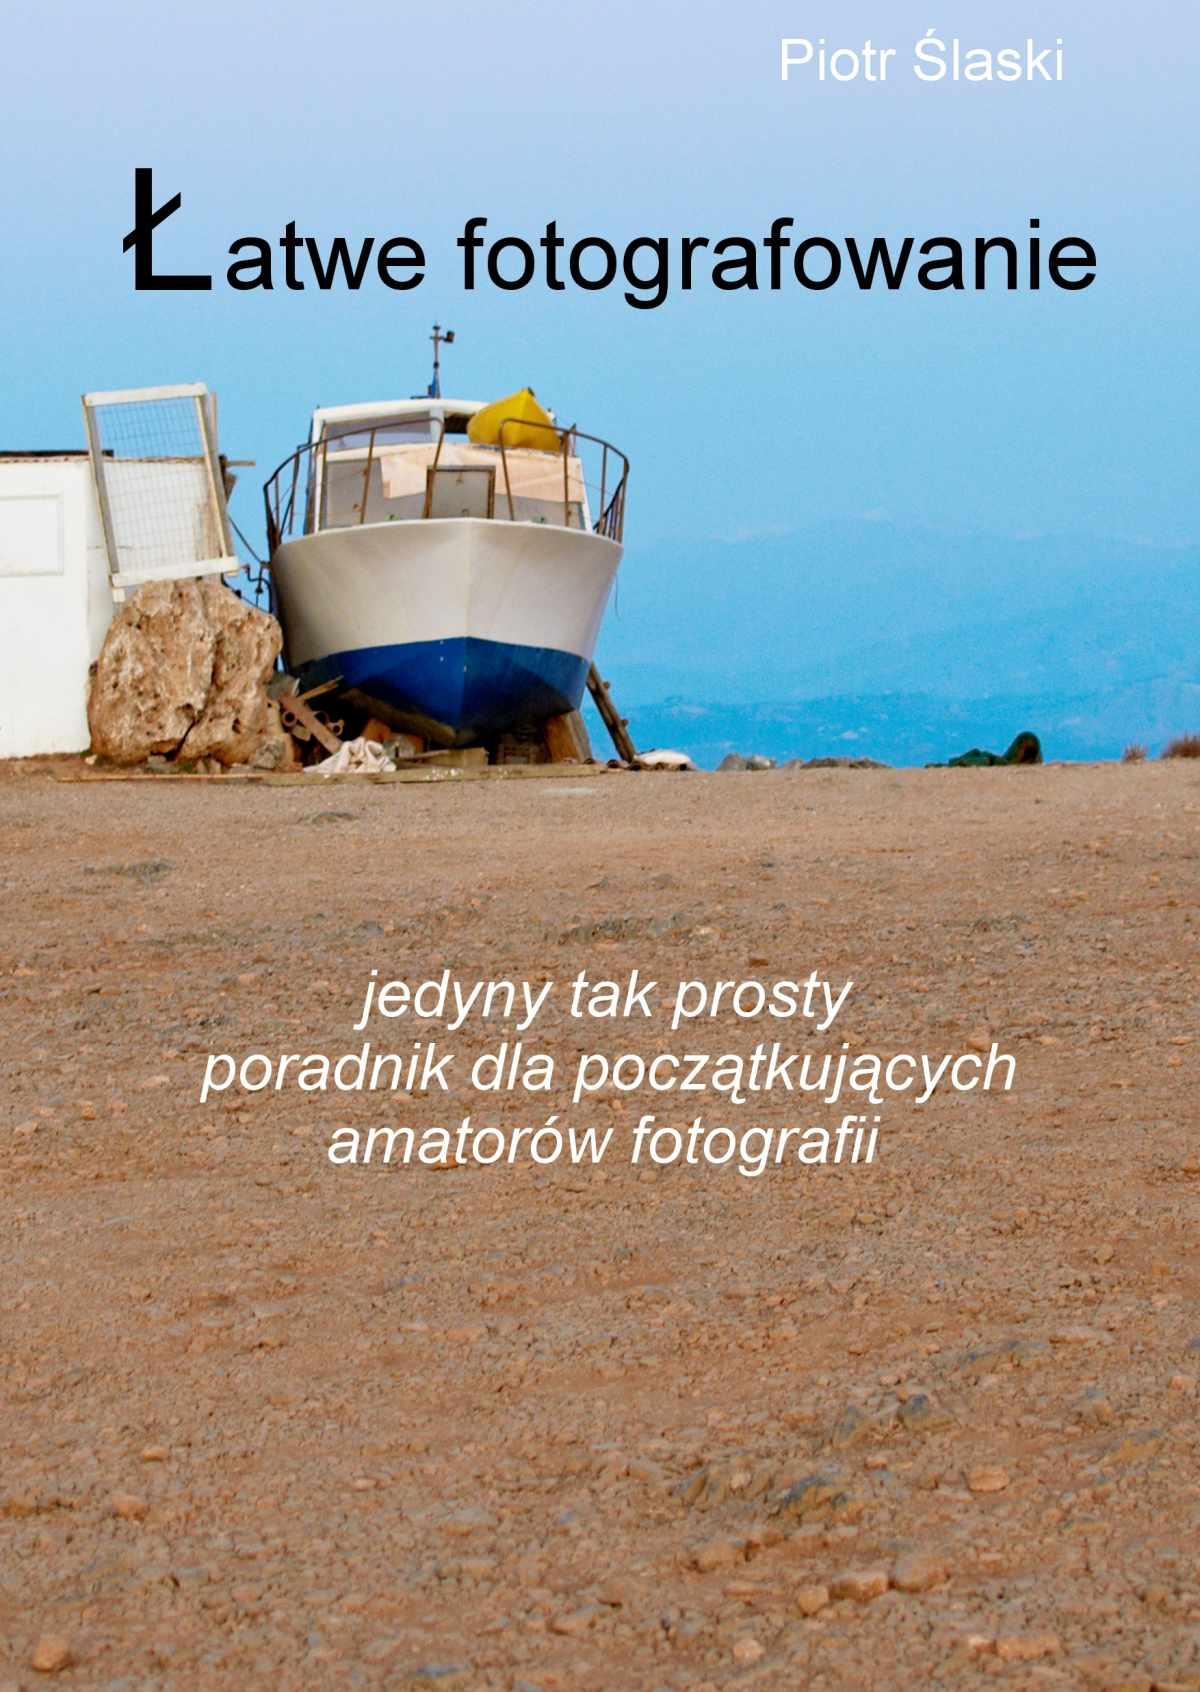 Łatwe fotografowanie - Ebook (Książka PDF) do pobrania w formacie PDF